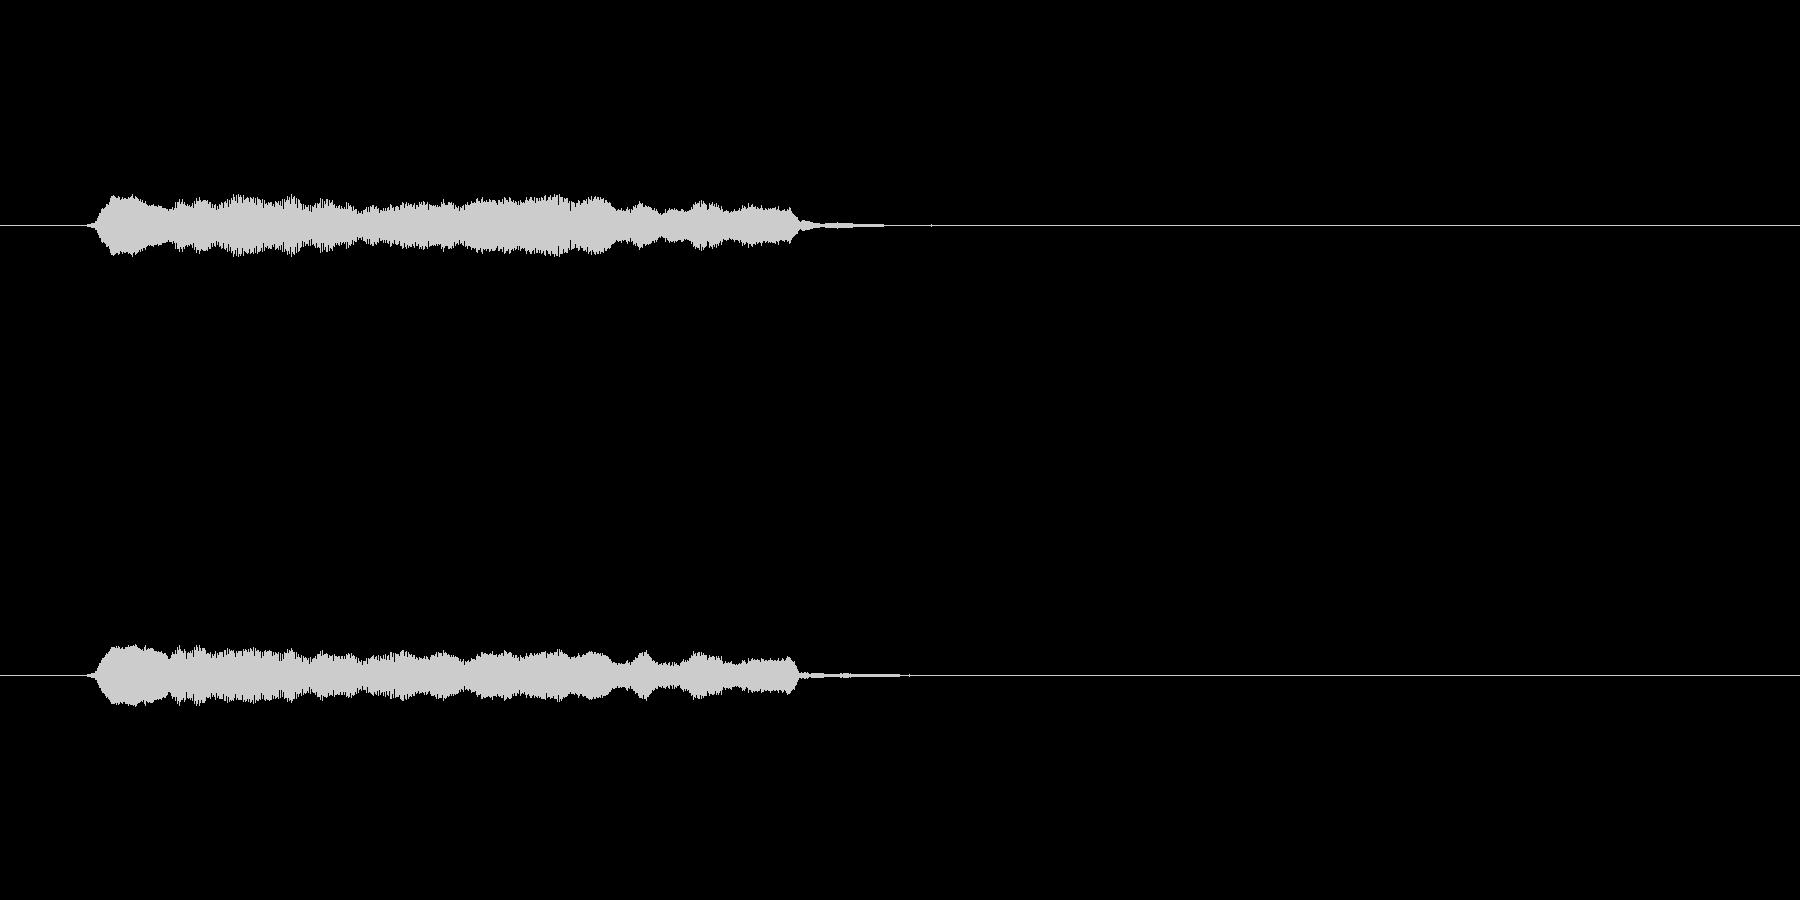 木製ダブルパイプ、イージーコール、...の未再生の波形